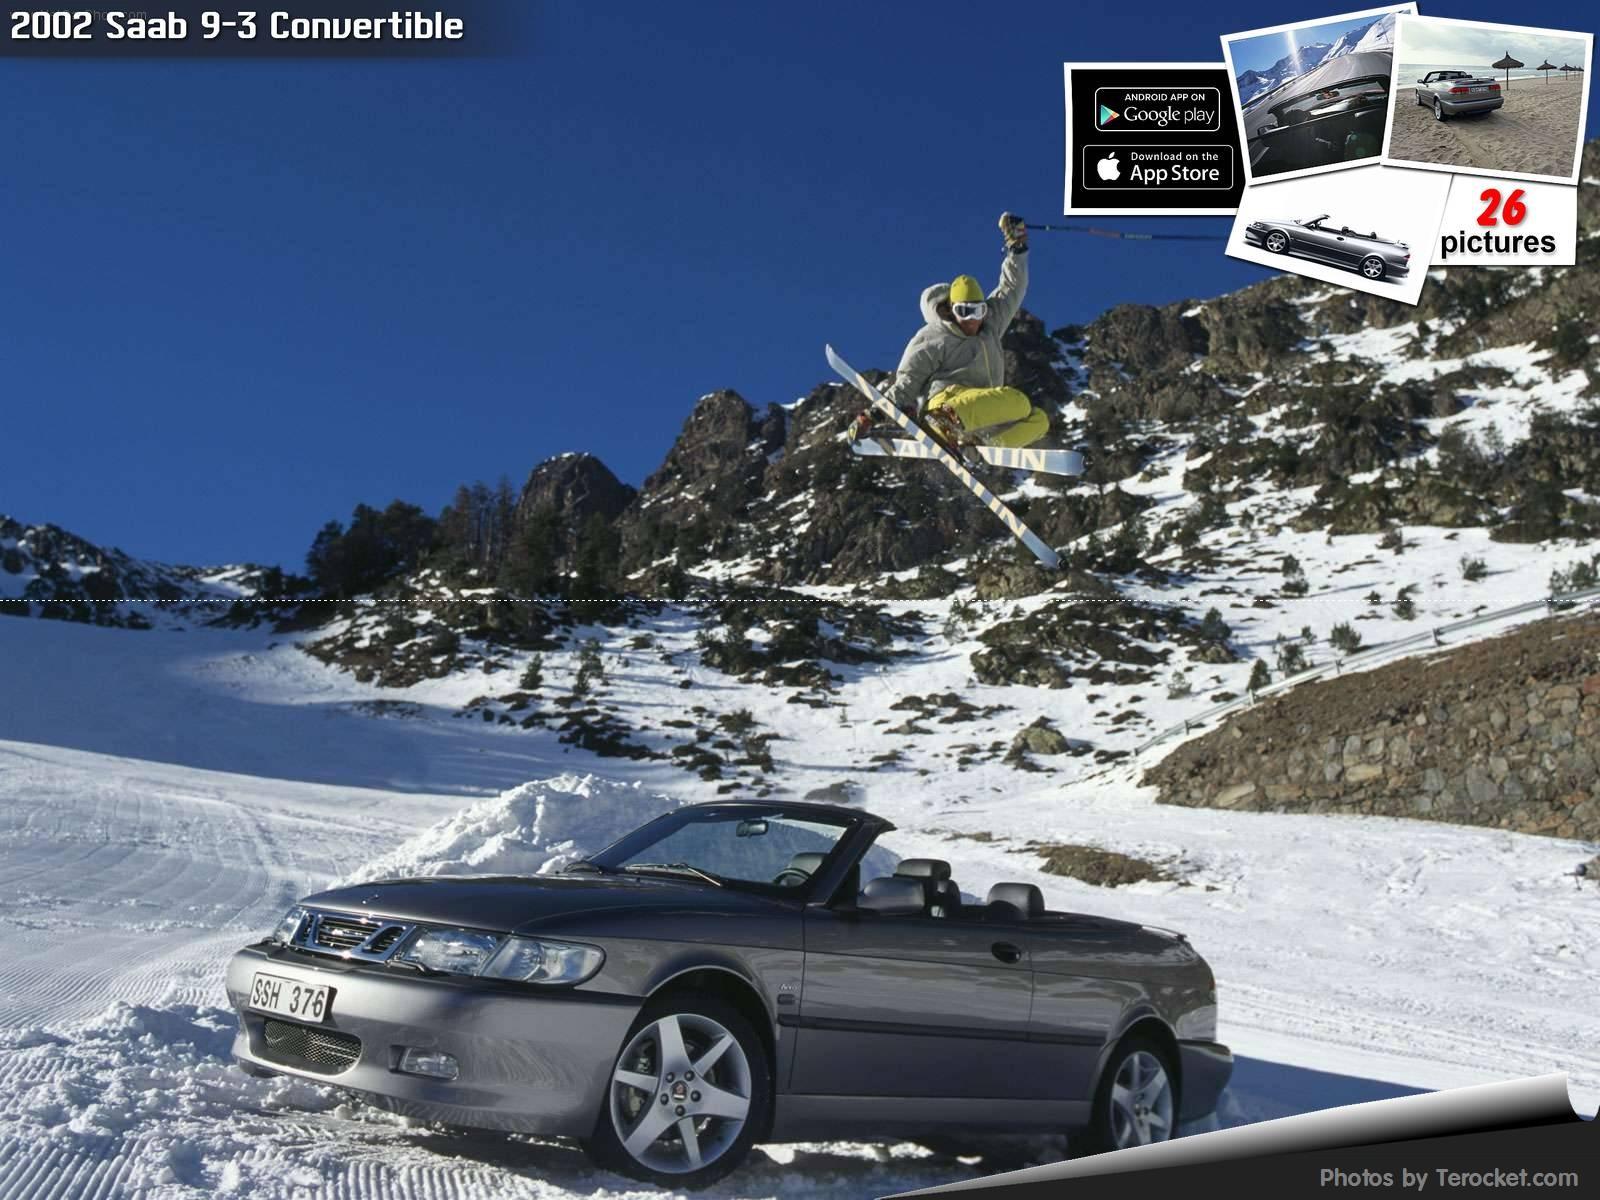 Hình ảnh xe ô tô Saab 9-3 Convertible 2002 & nội ngoại thất